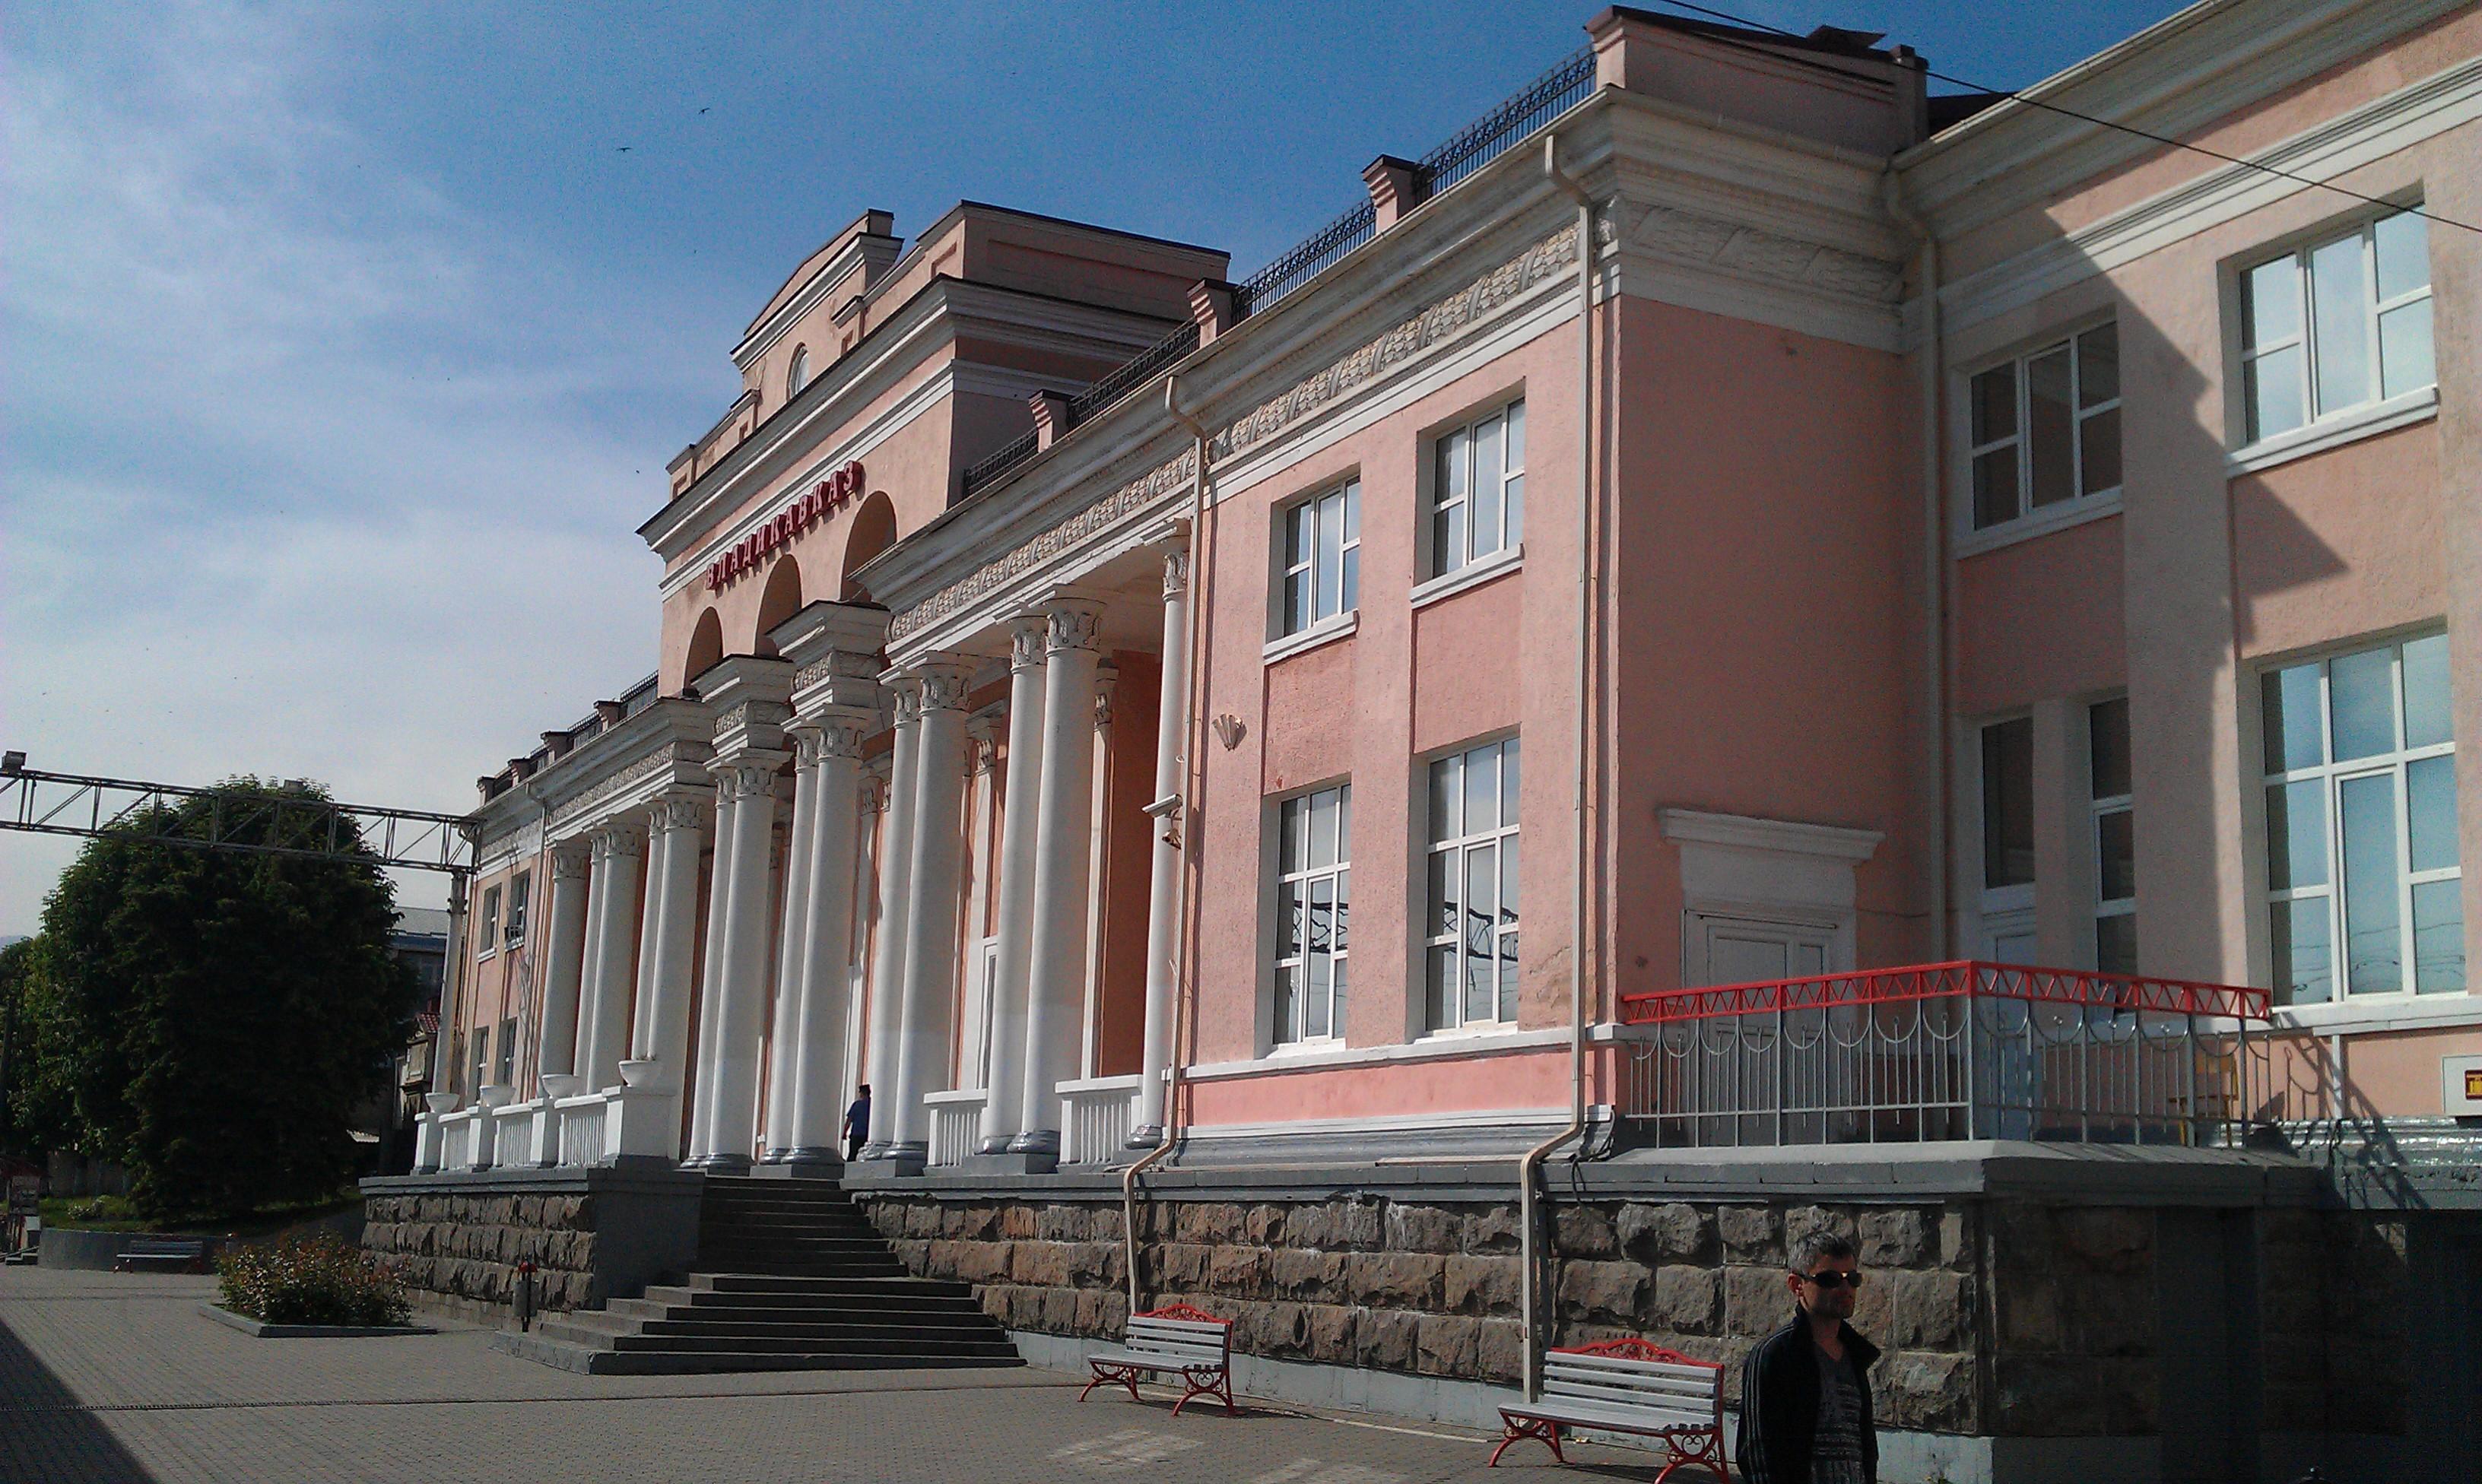 Завод горного машиностроения в Владикавказ роторная дробилка см 75 или 85 б/у